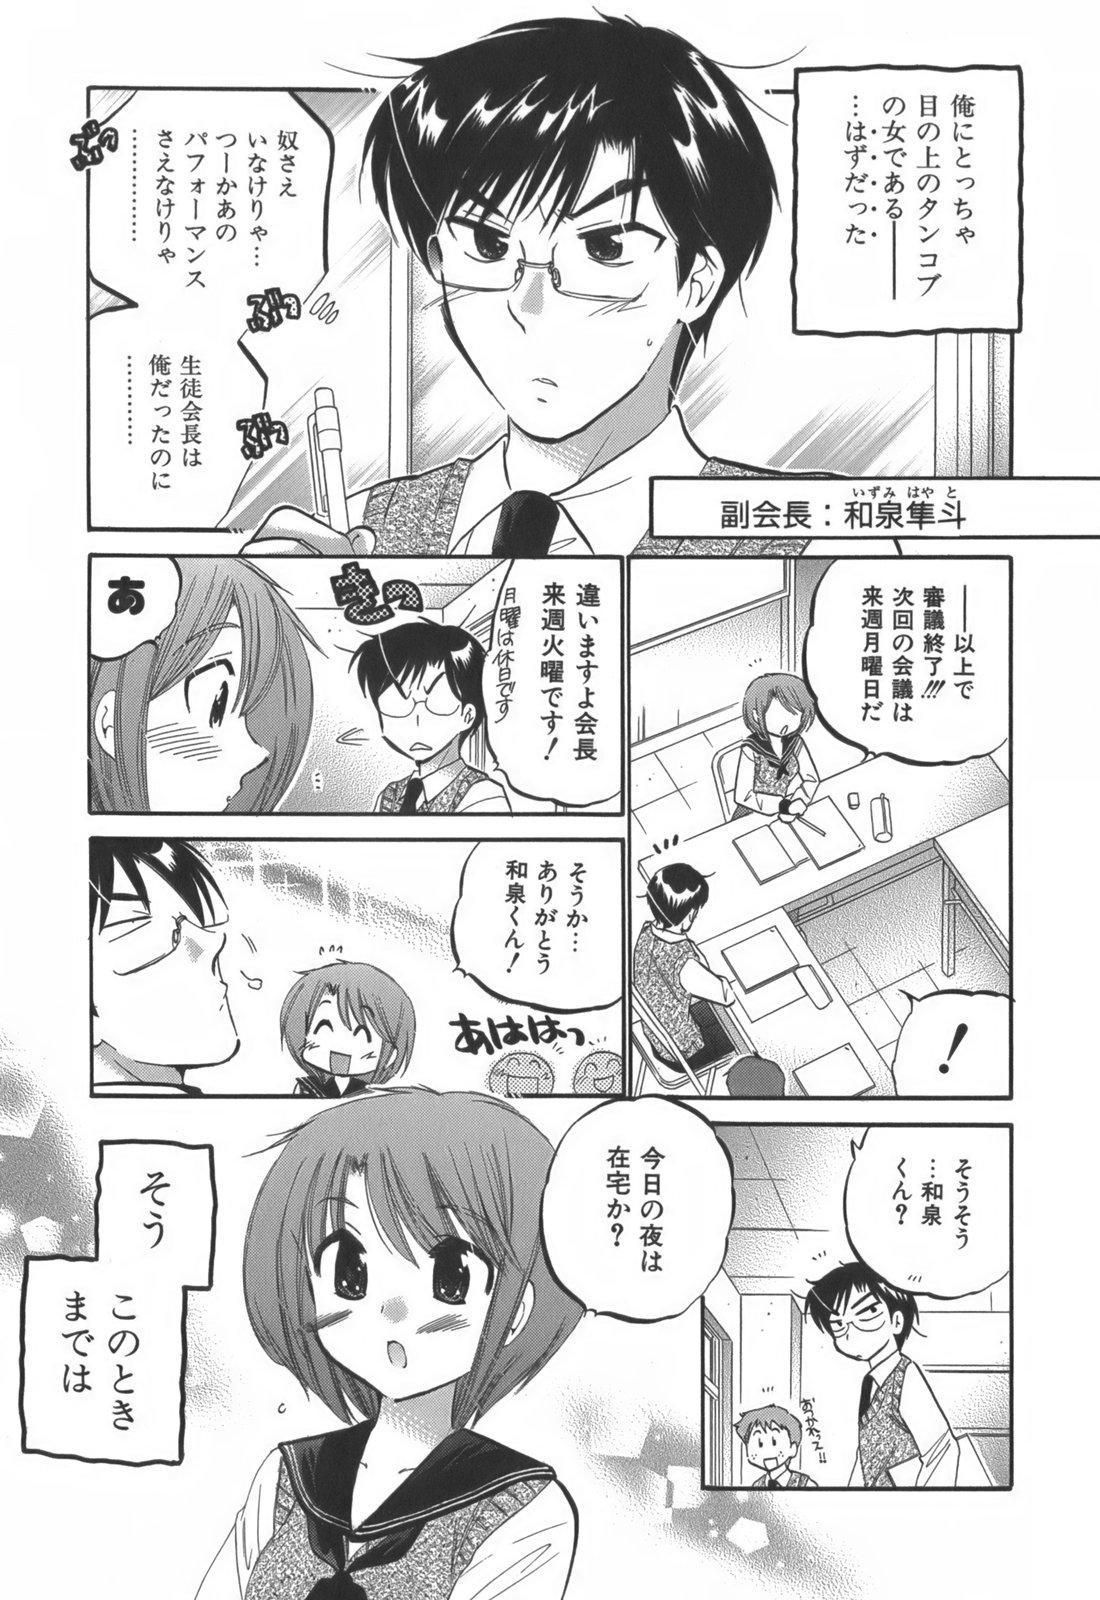 Okusama wa Seitokaichou 7